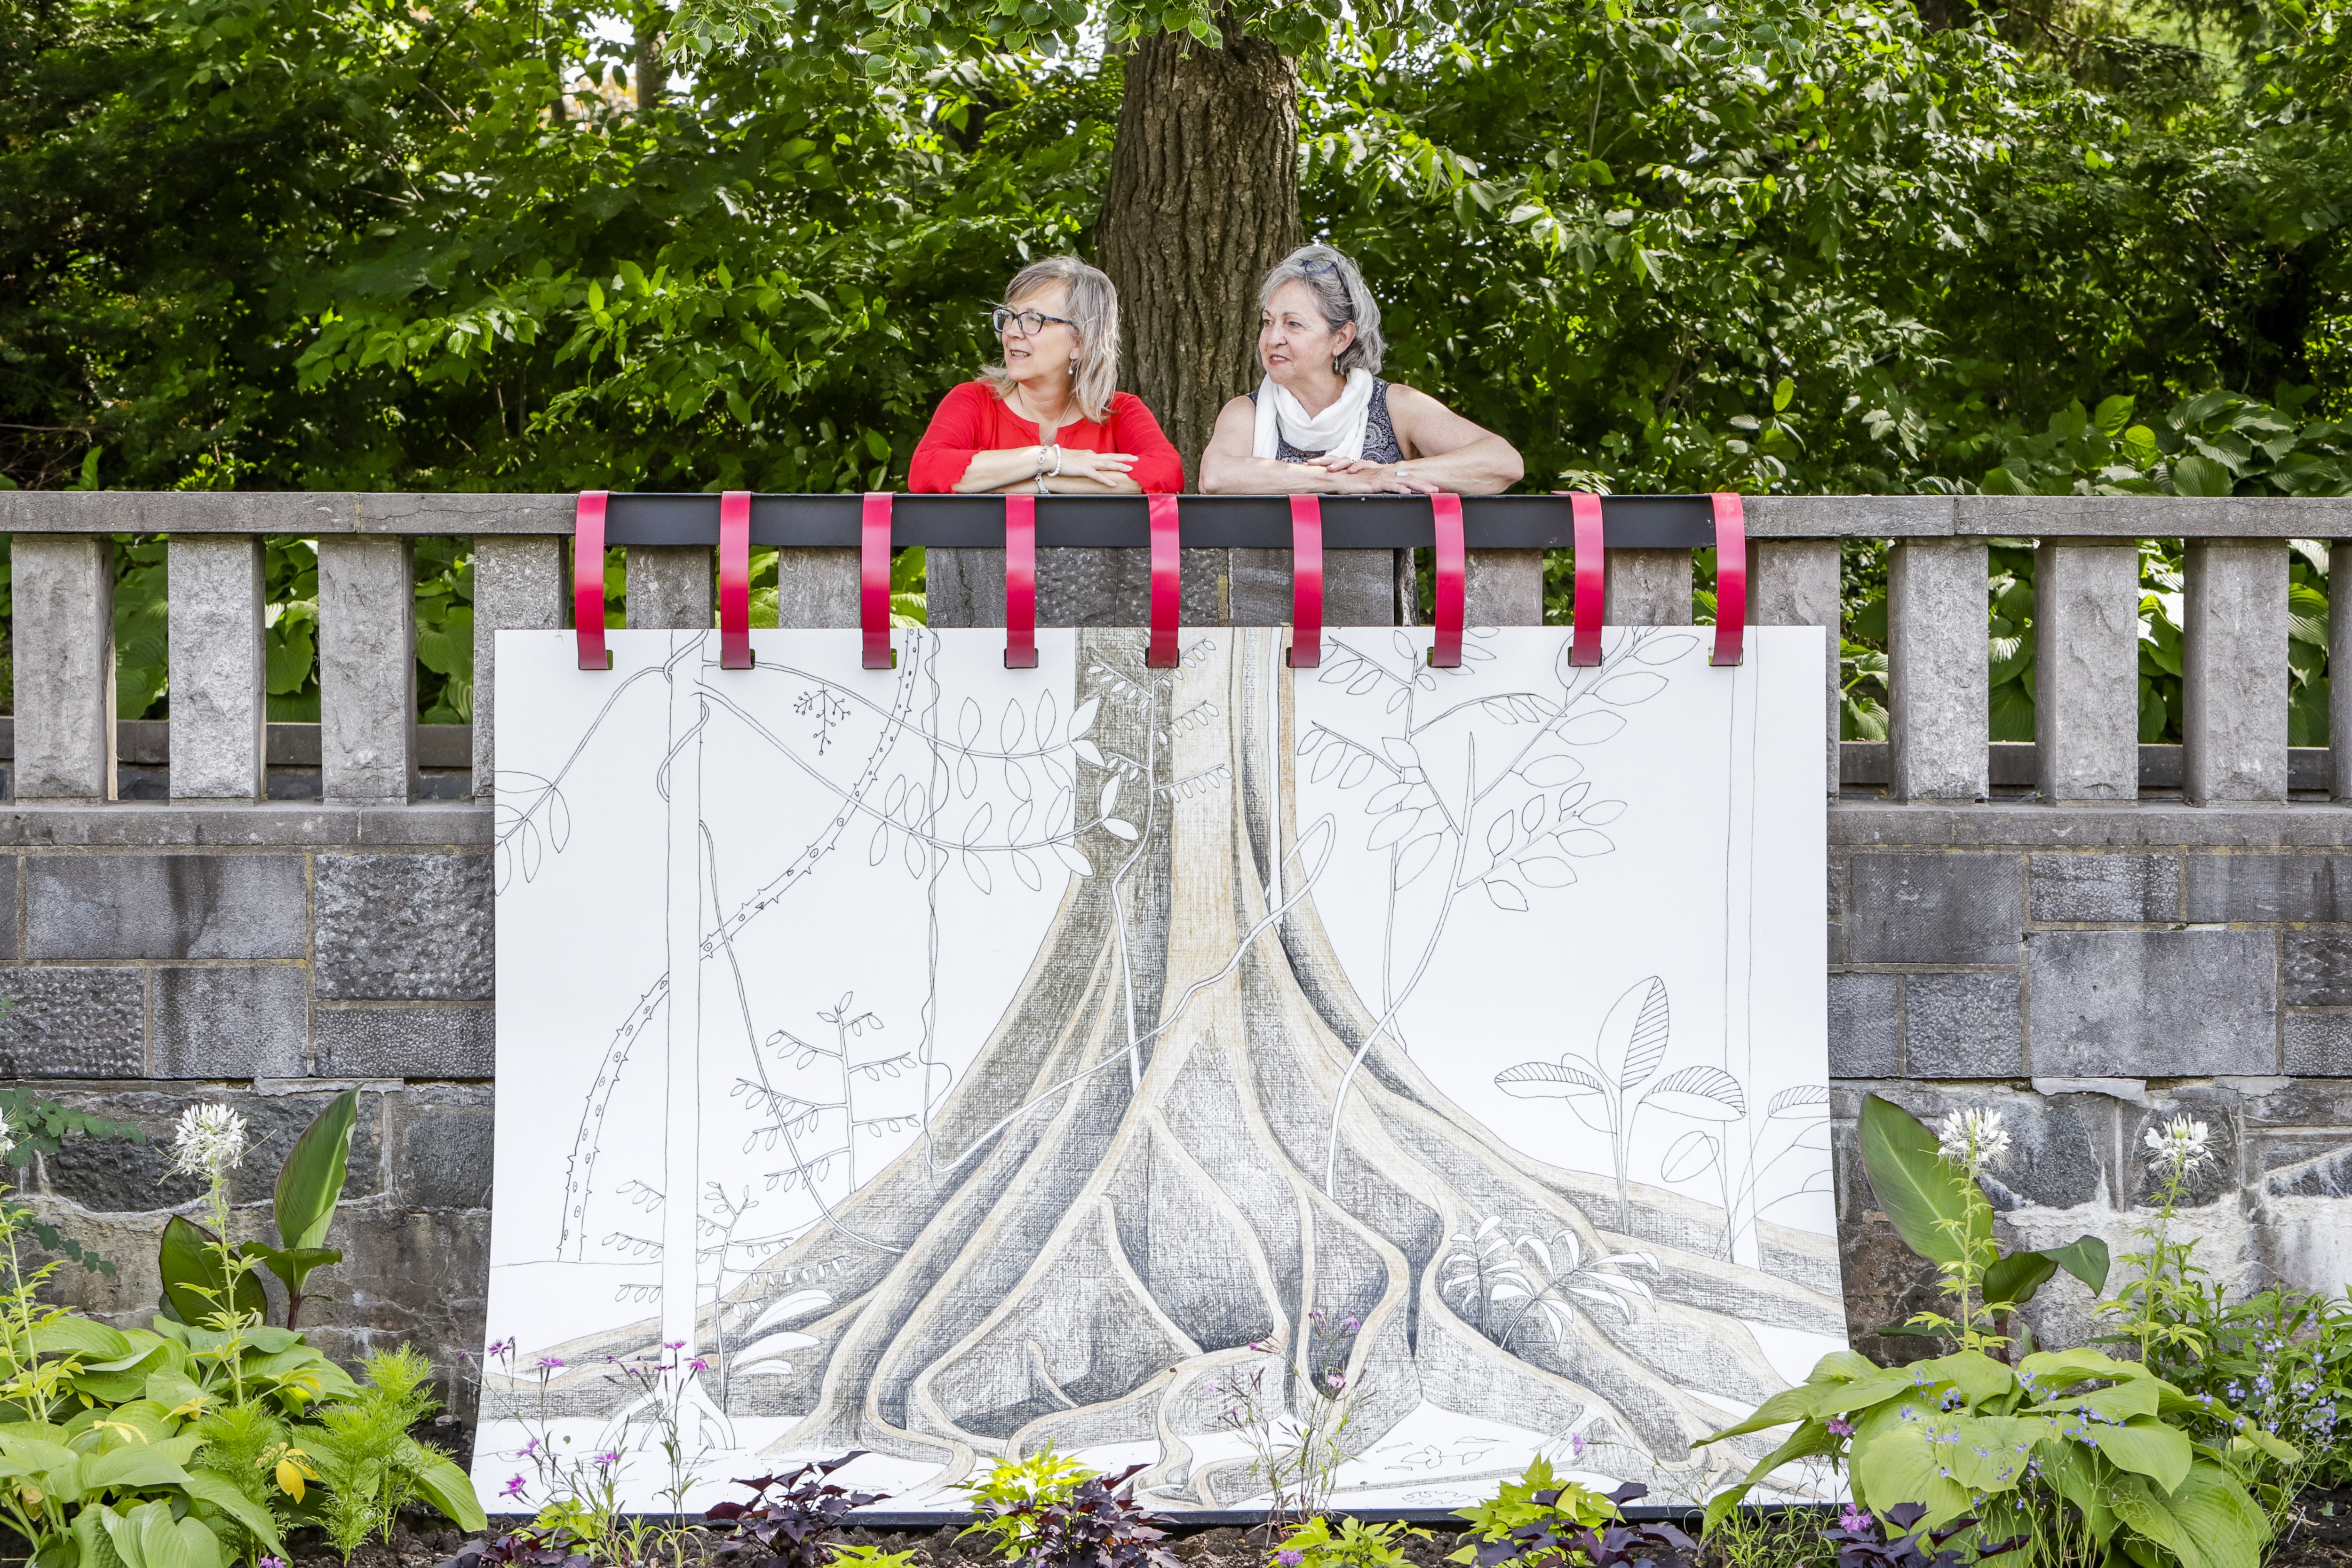 Plus d'une cinquantaine d'oeuvres en format géant sont installées dans les jardins.